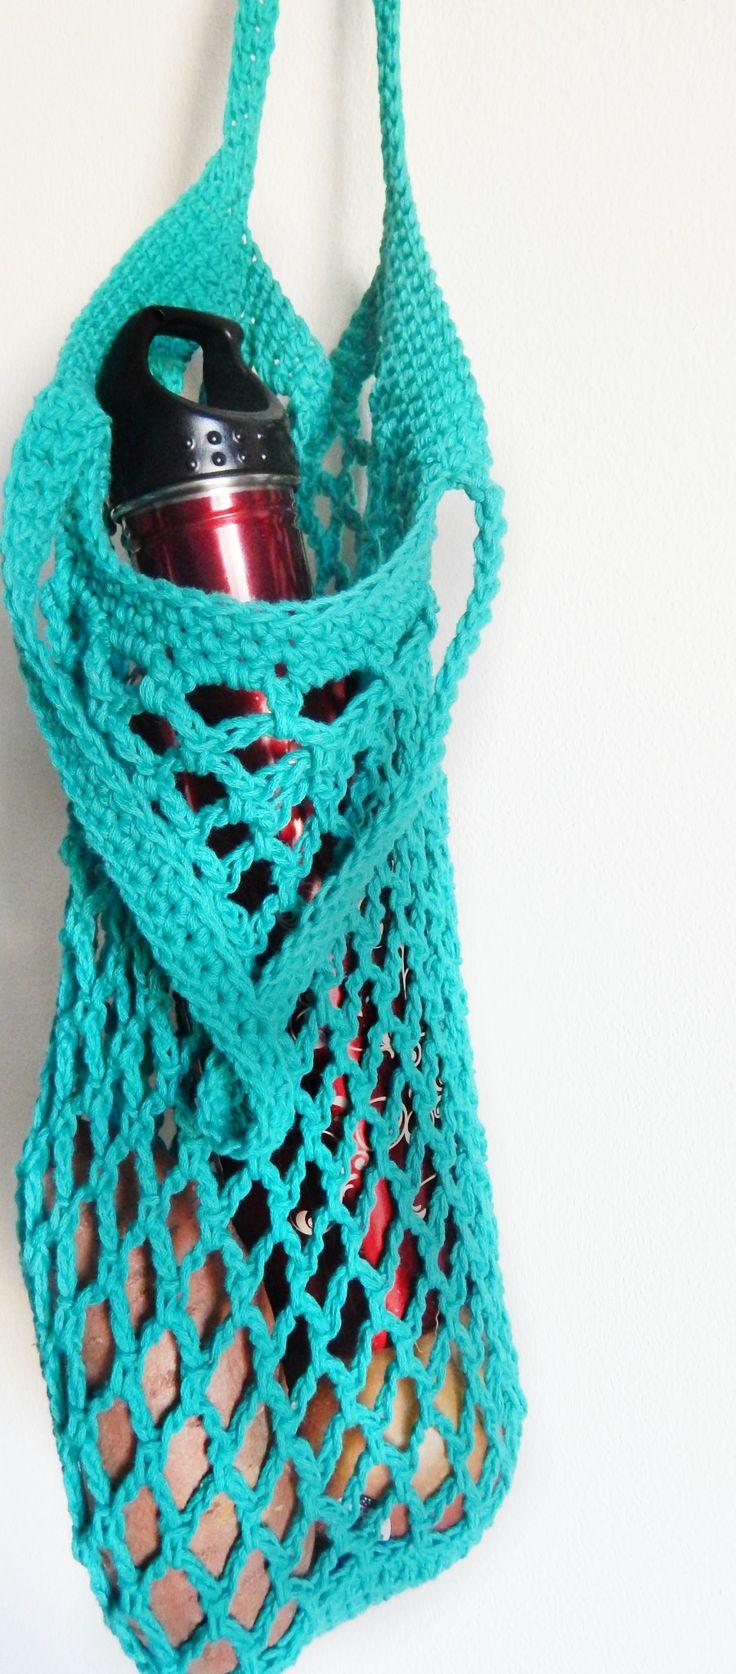 Die 7 besten Bilder zu dish cloth auf Pinterest | Markttasche Häkeln ...